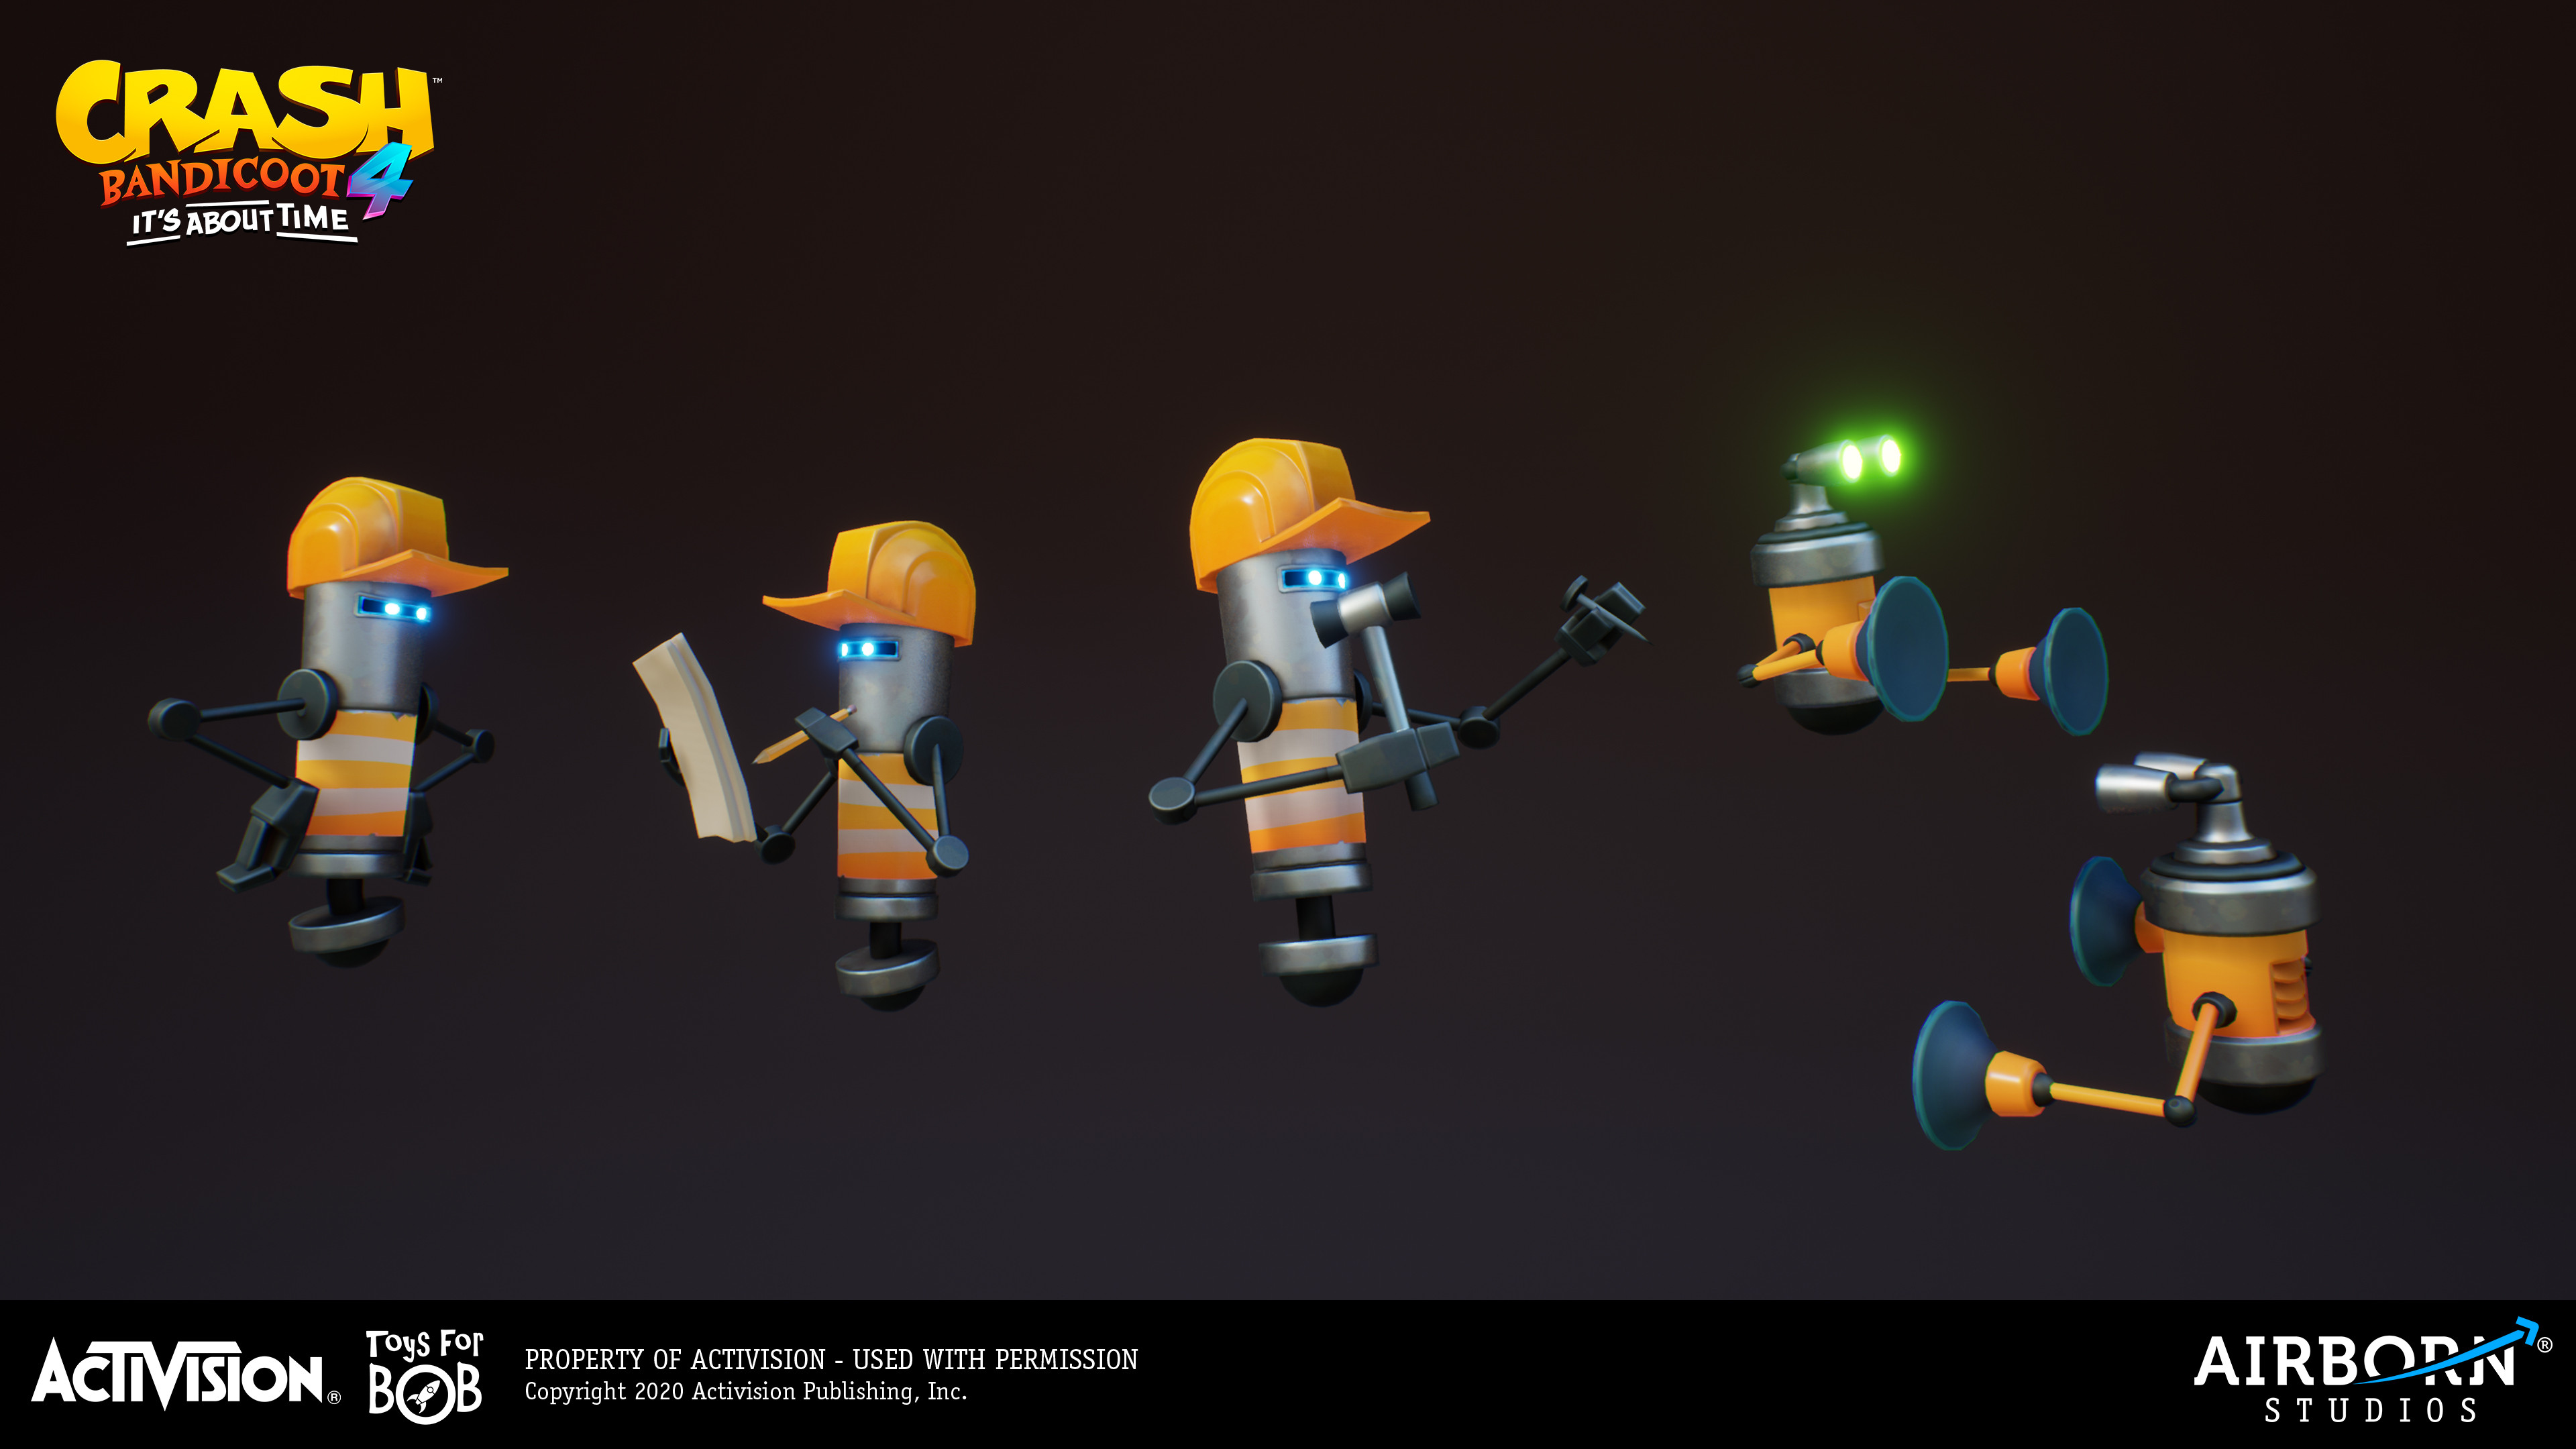 Robot worker by Jonas Kunert